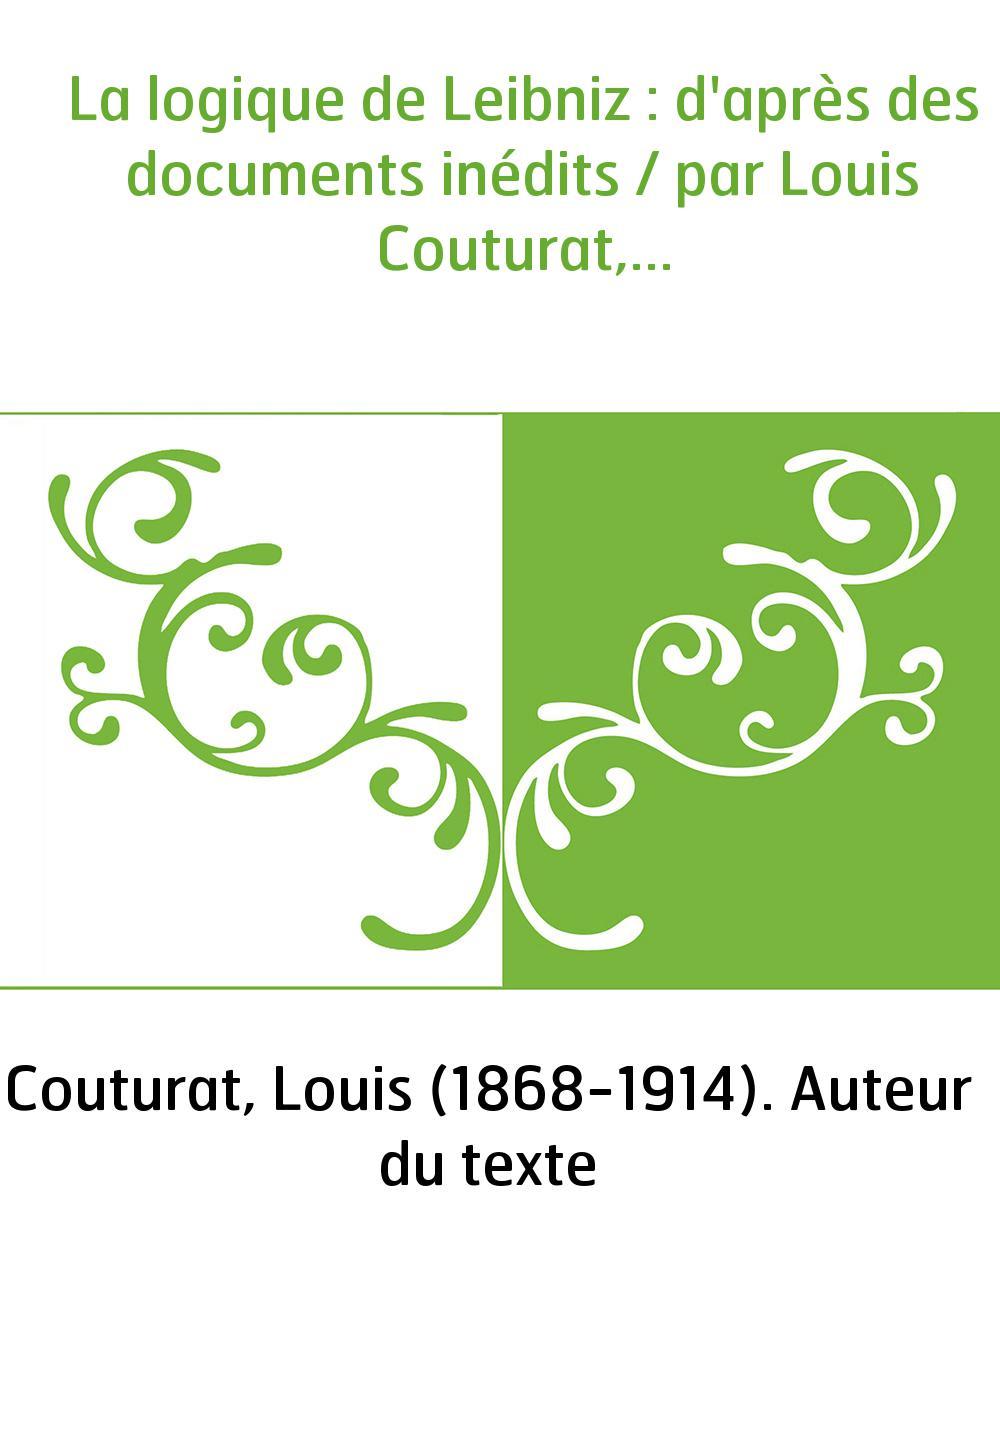 La logique de Leibniz : d'après des documents inédits / par Louis Couturat,...